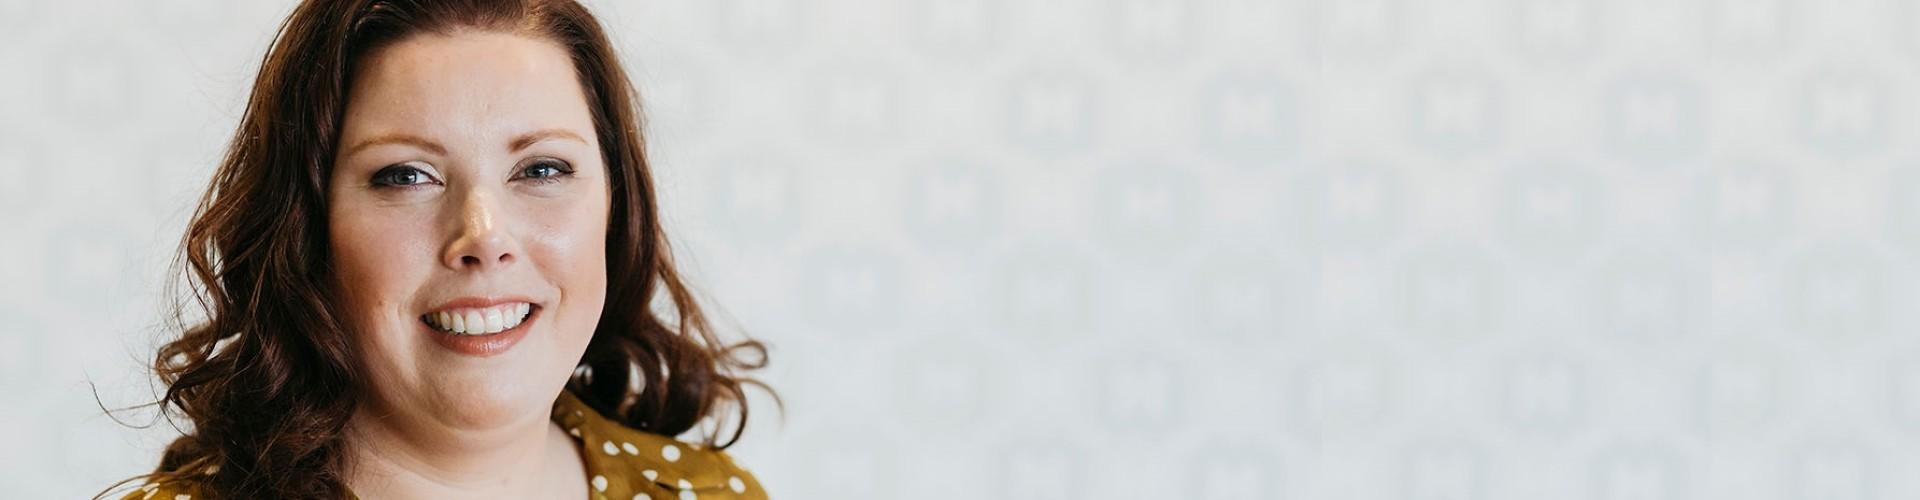 E-commerce expert Astrid van Kollenburg